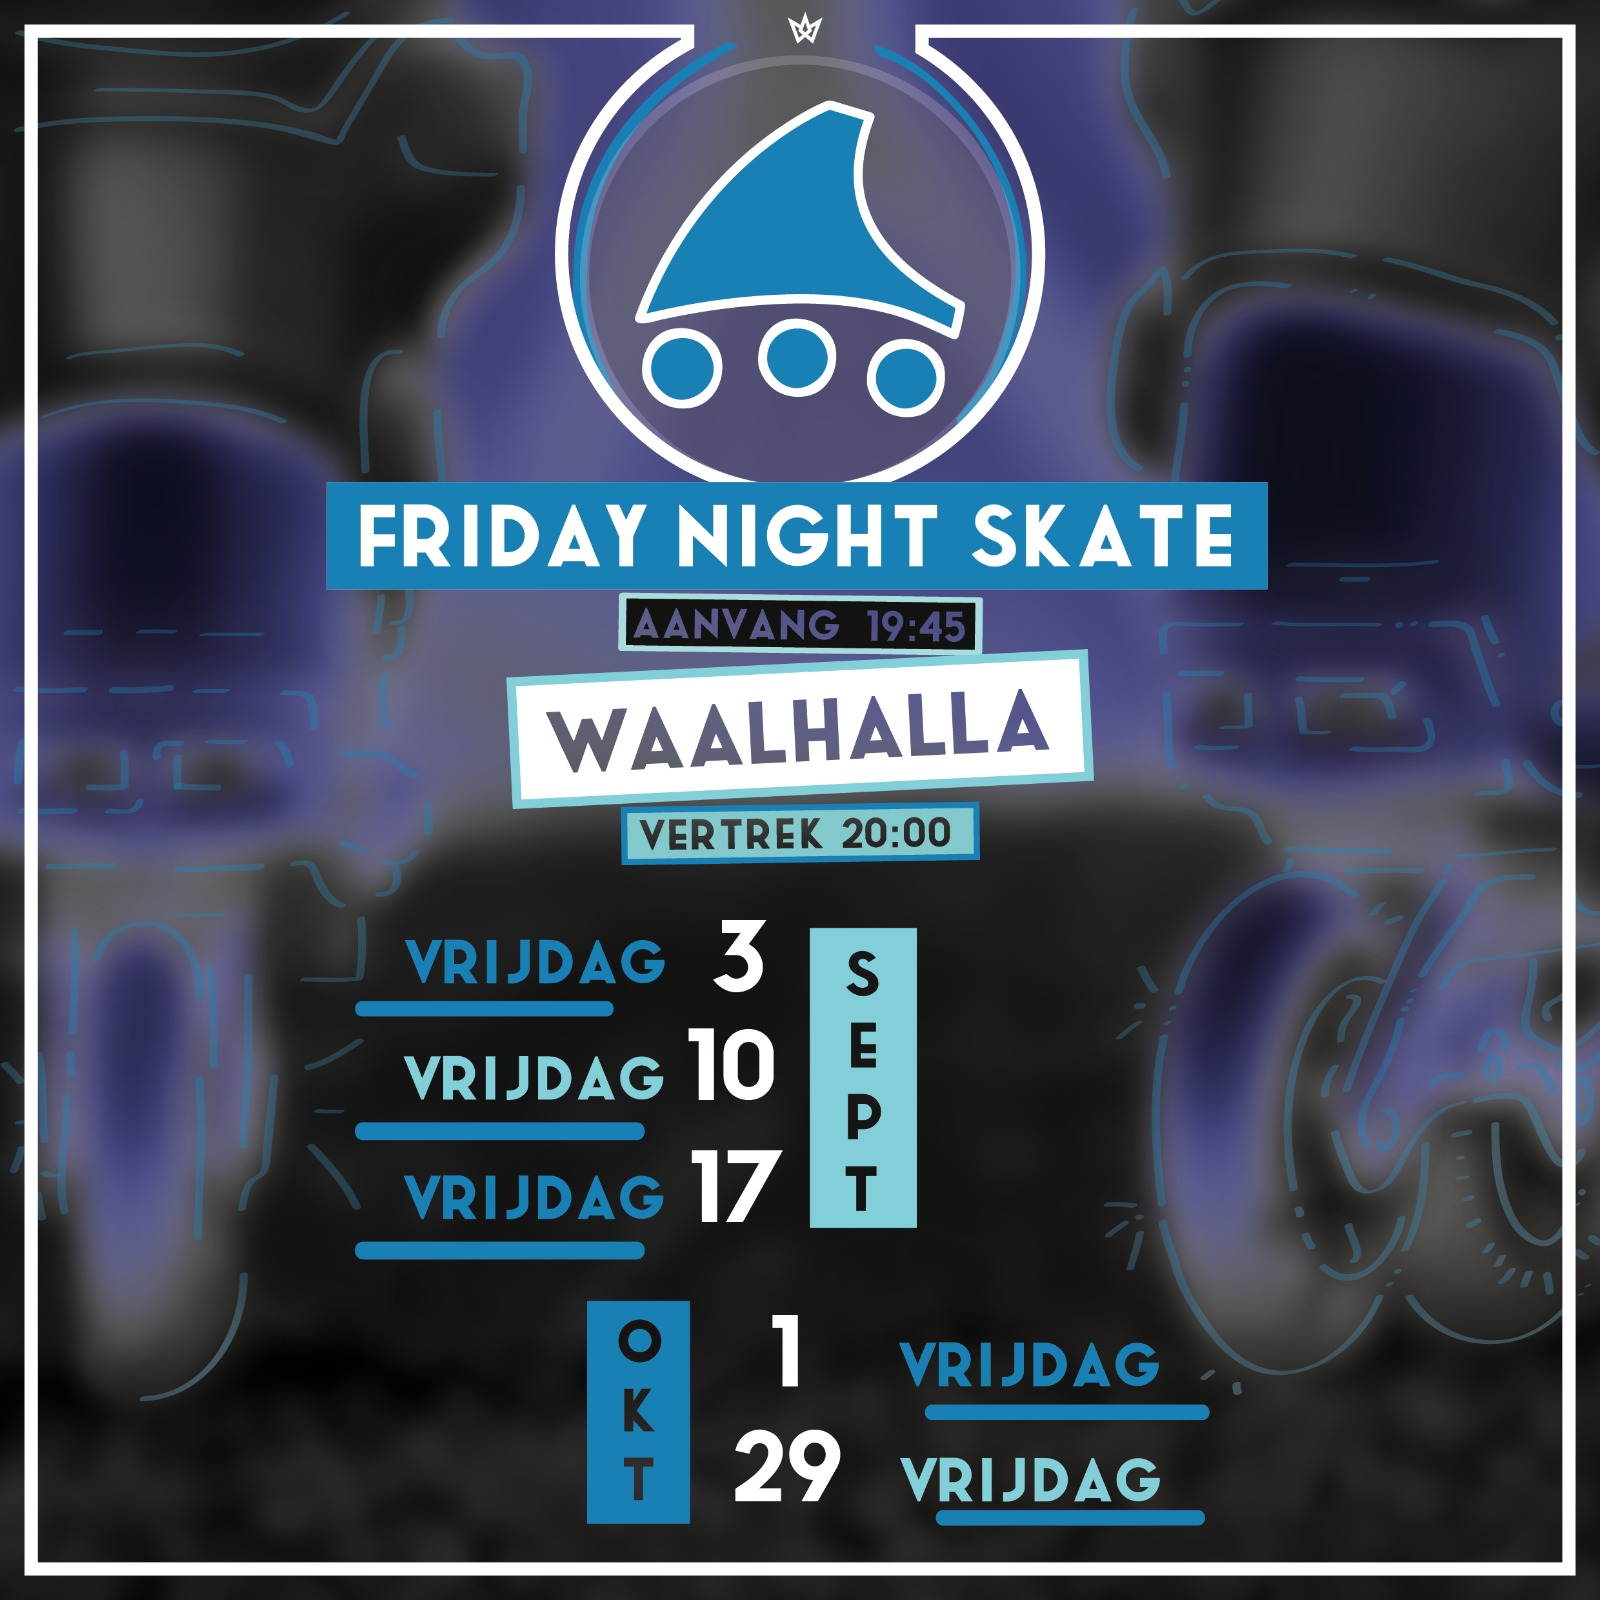 Friday Night Skate